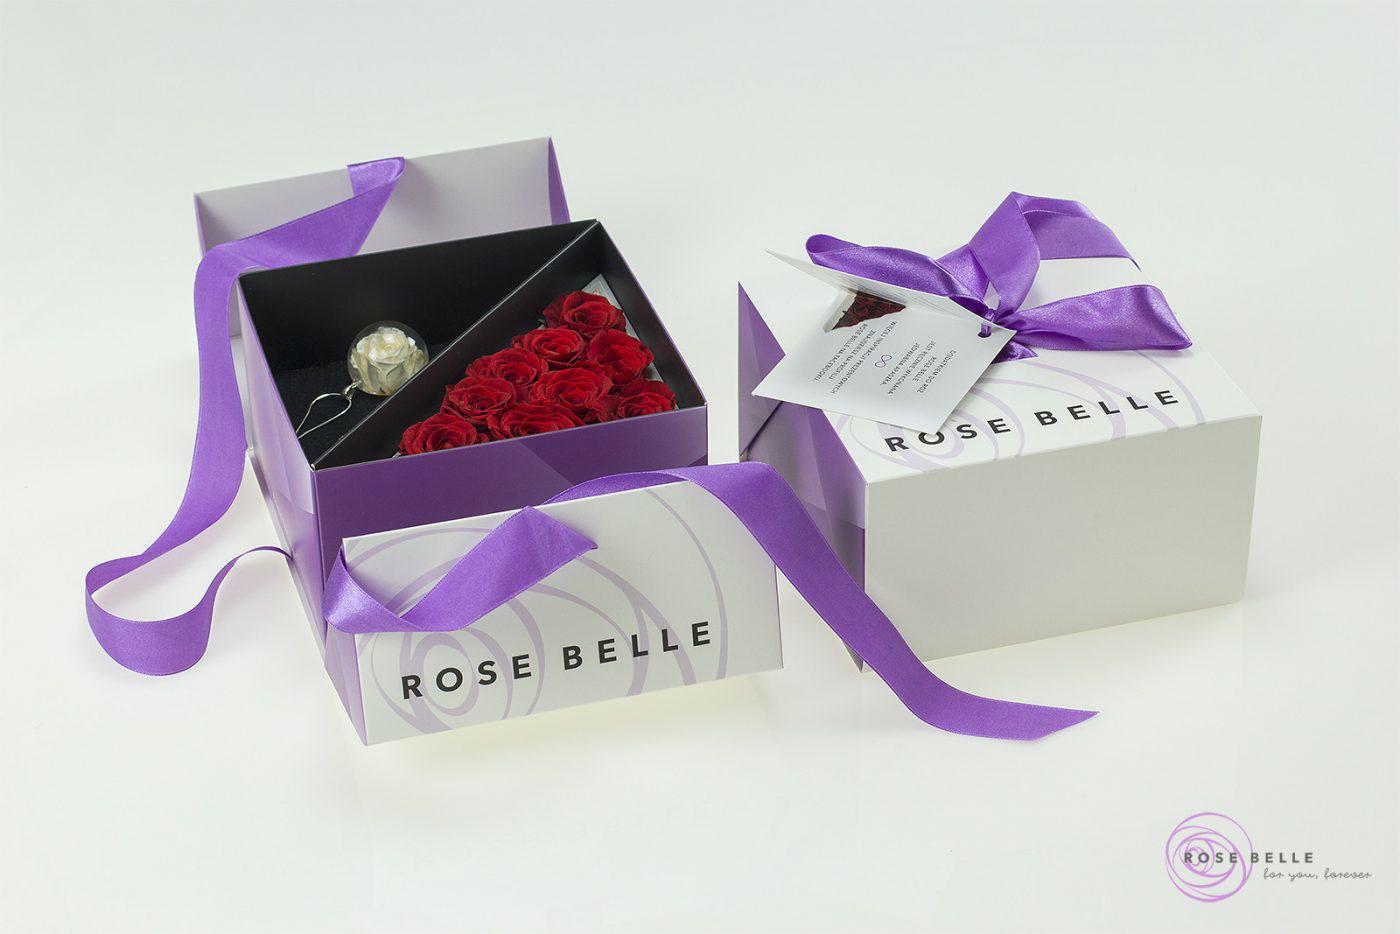 Rose Belle kwiaty w boxie